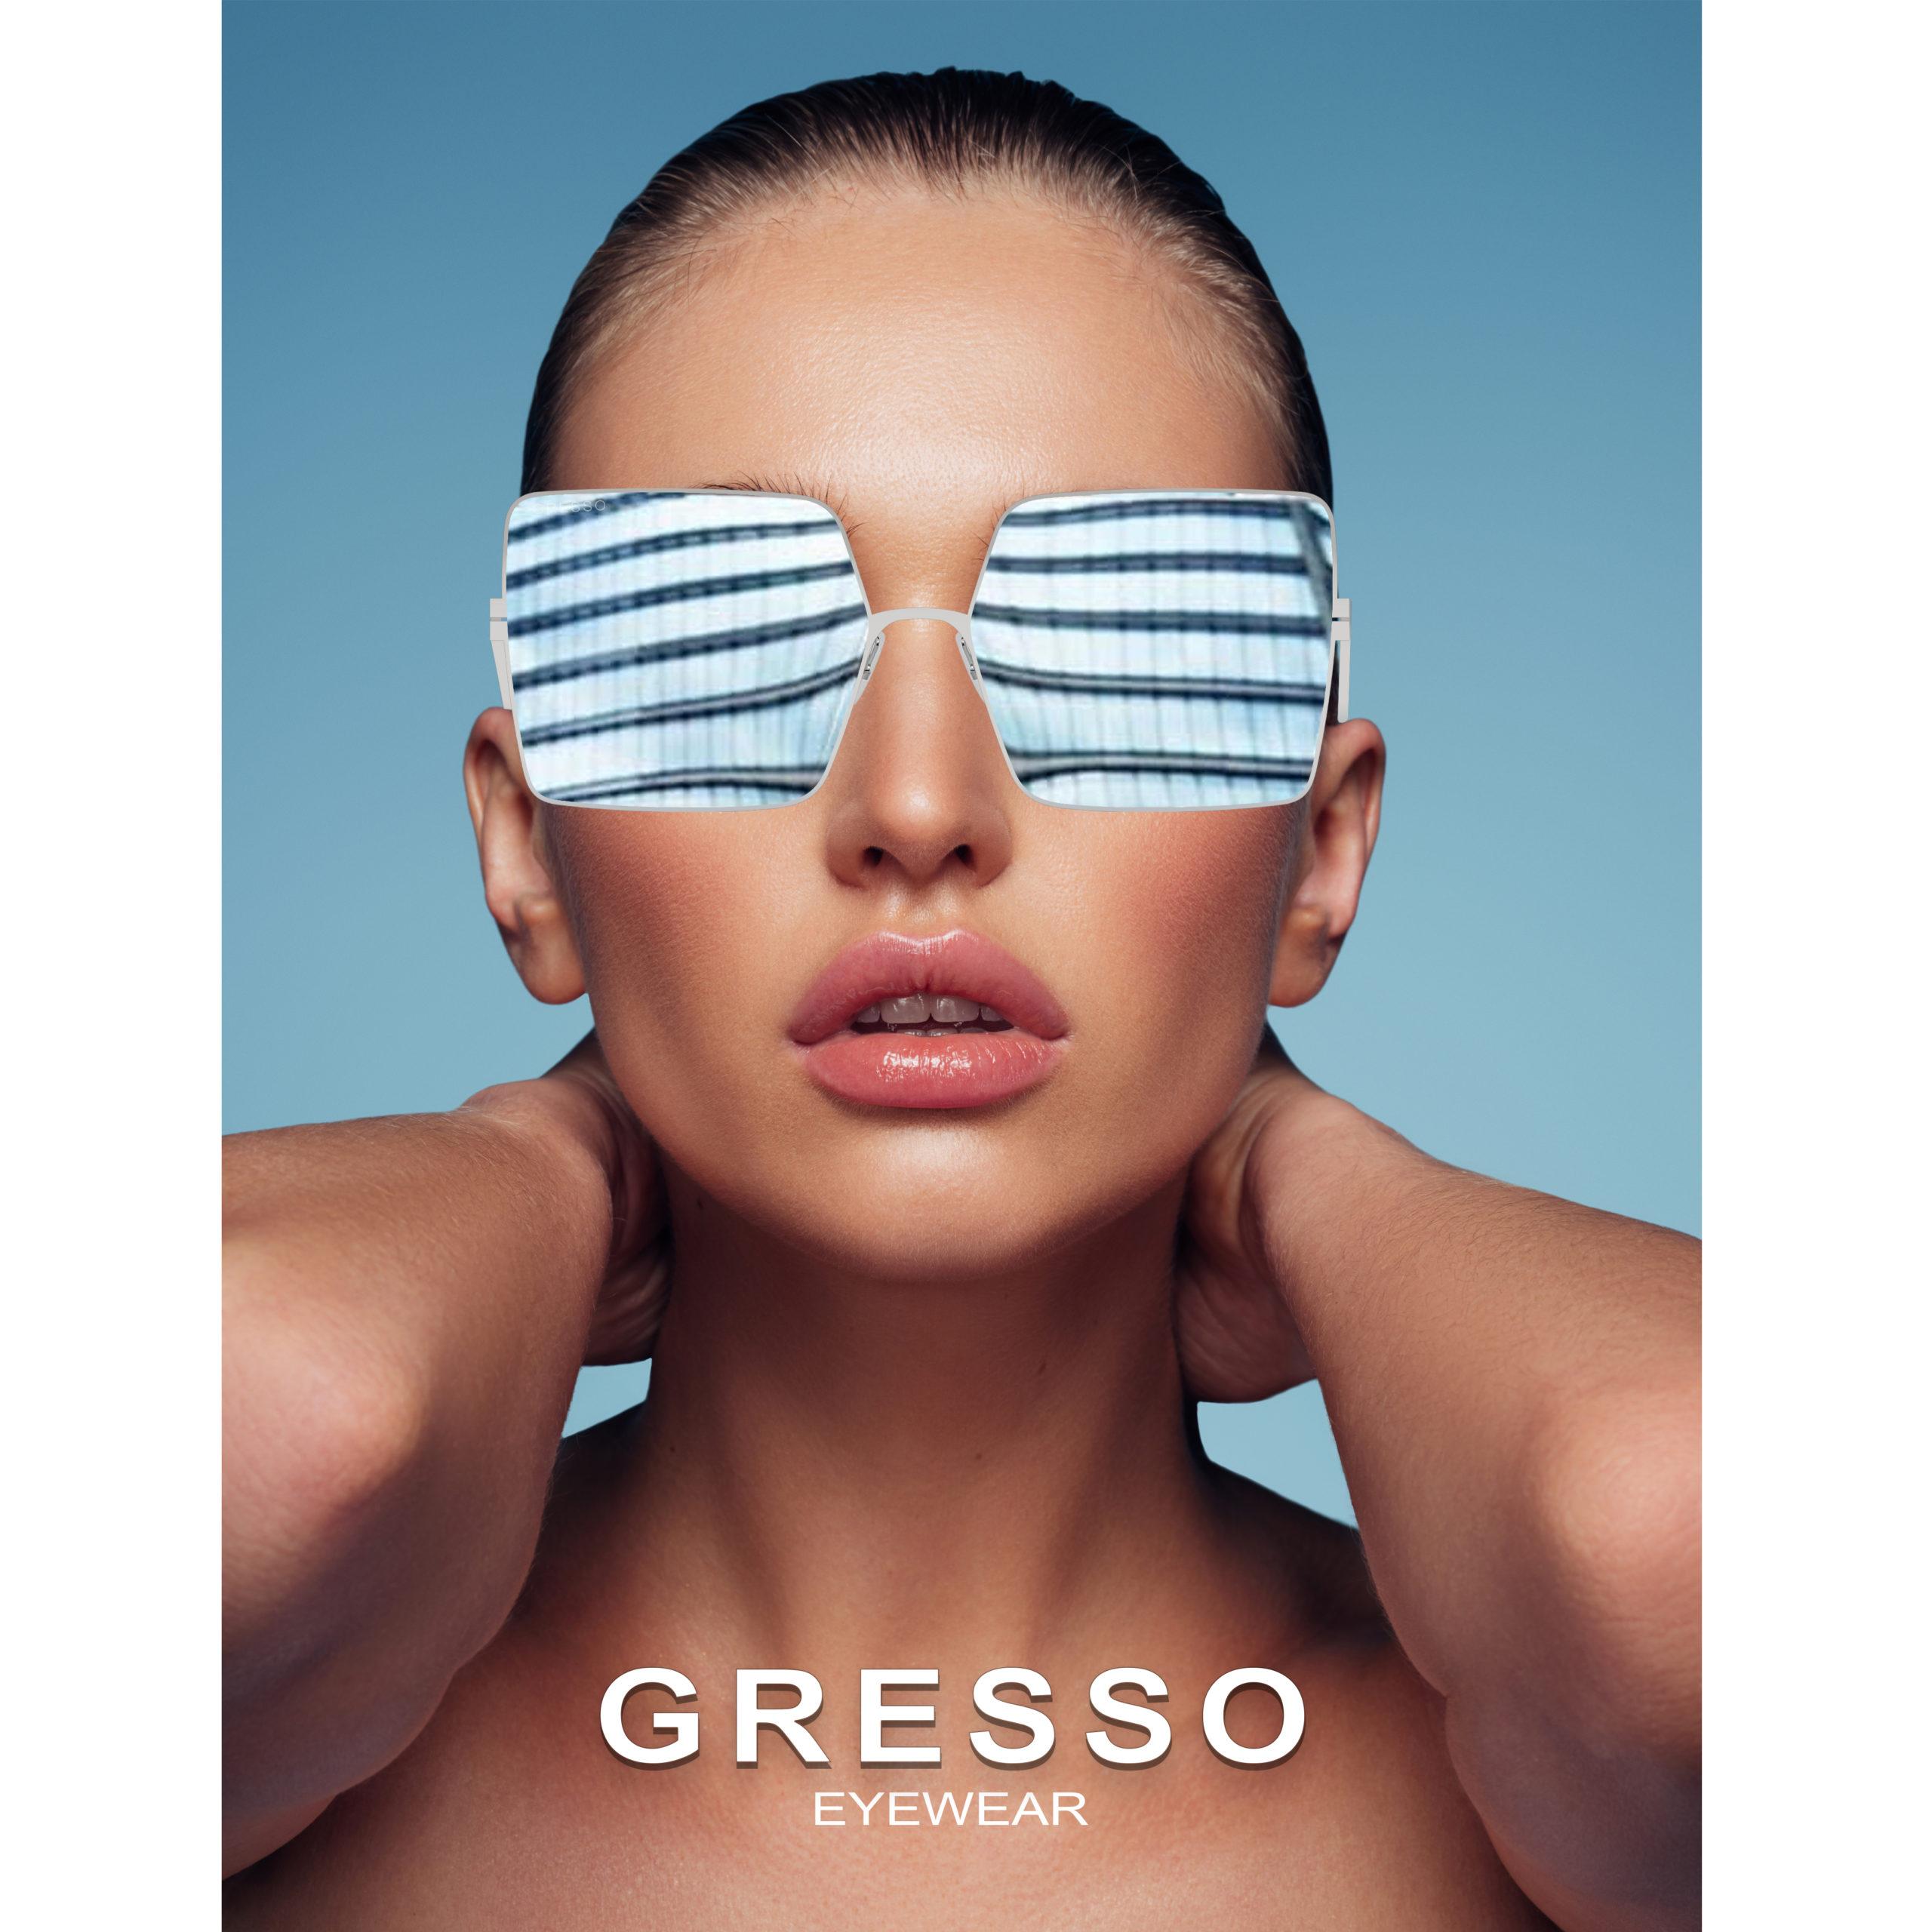 Титановые очки GRESSO с линзами Carl Zeiss, цена по запросу